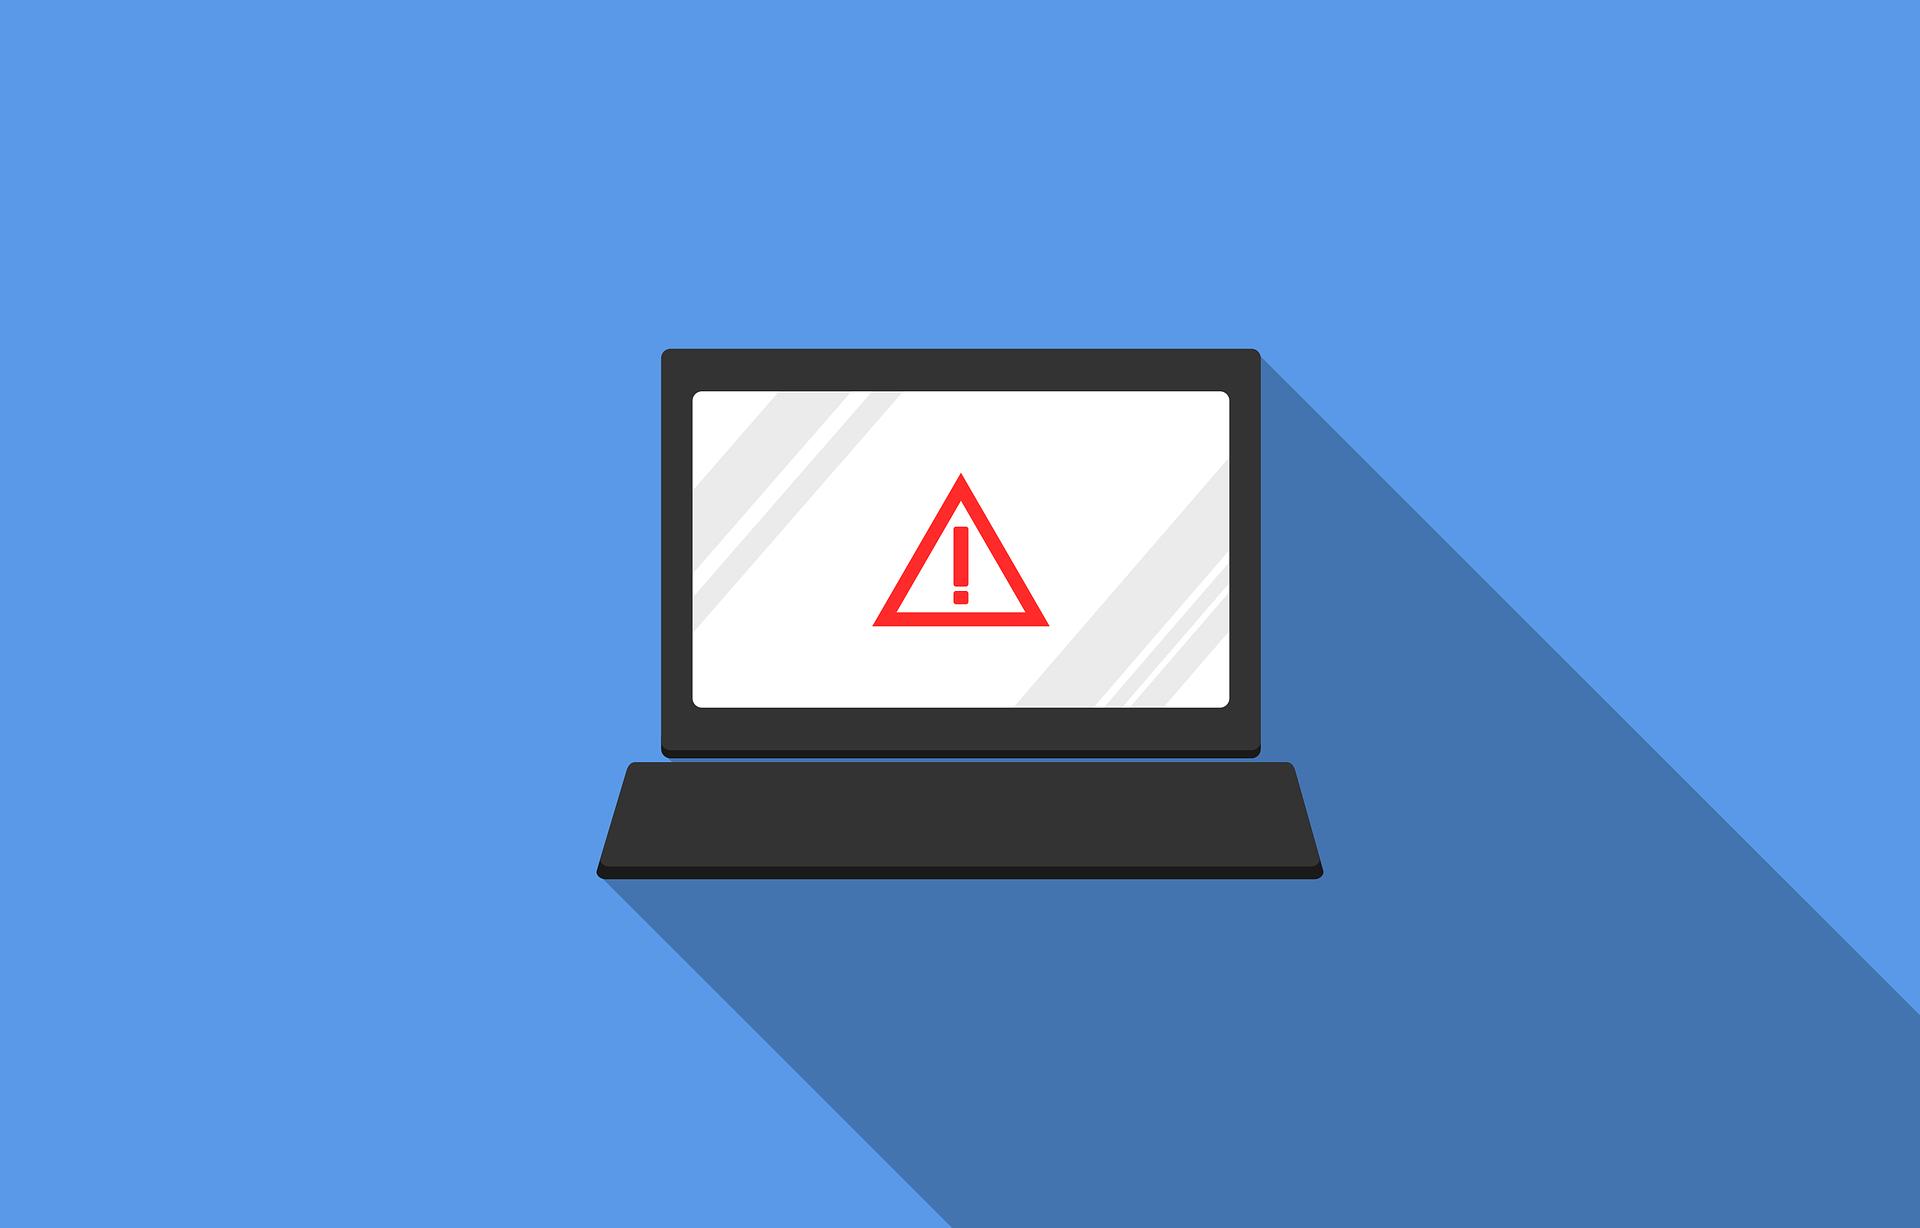 Chraňte svoji datovou síť - používejte DHCP Snooping